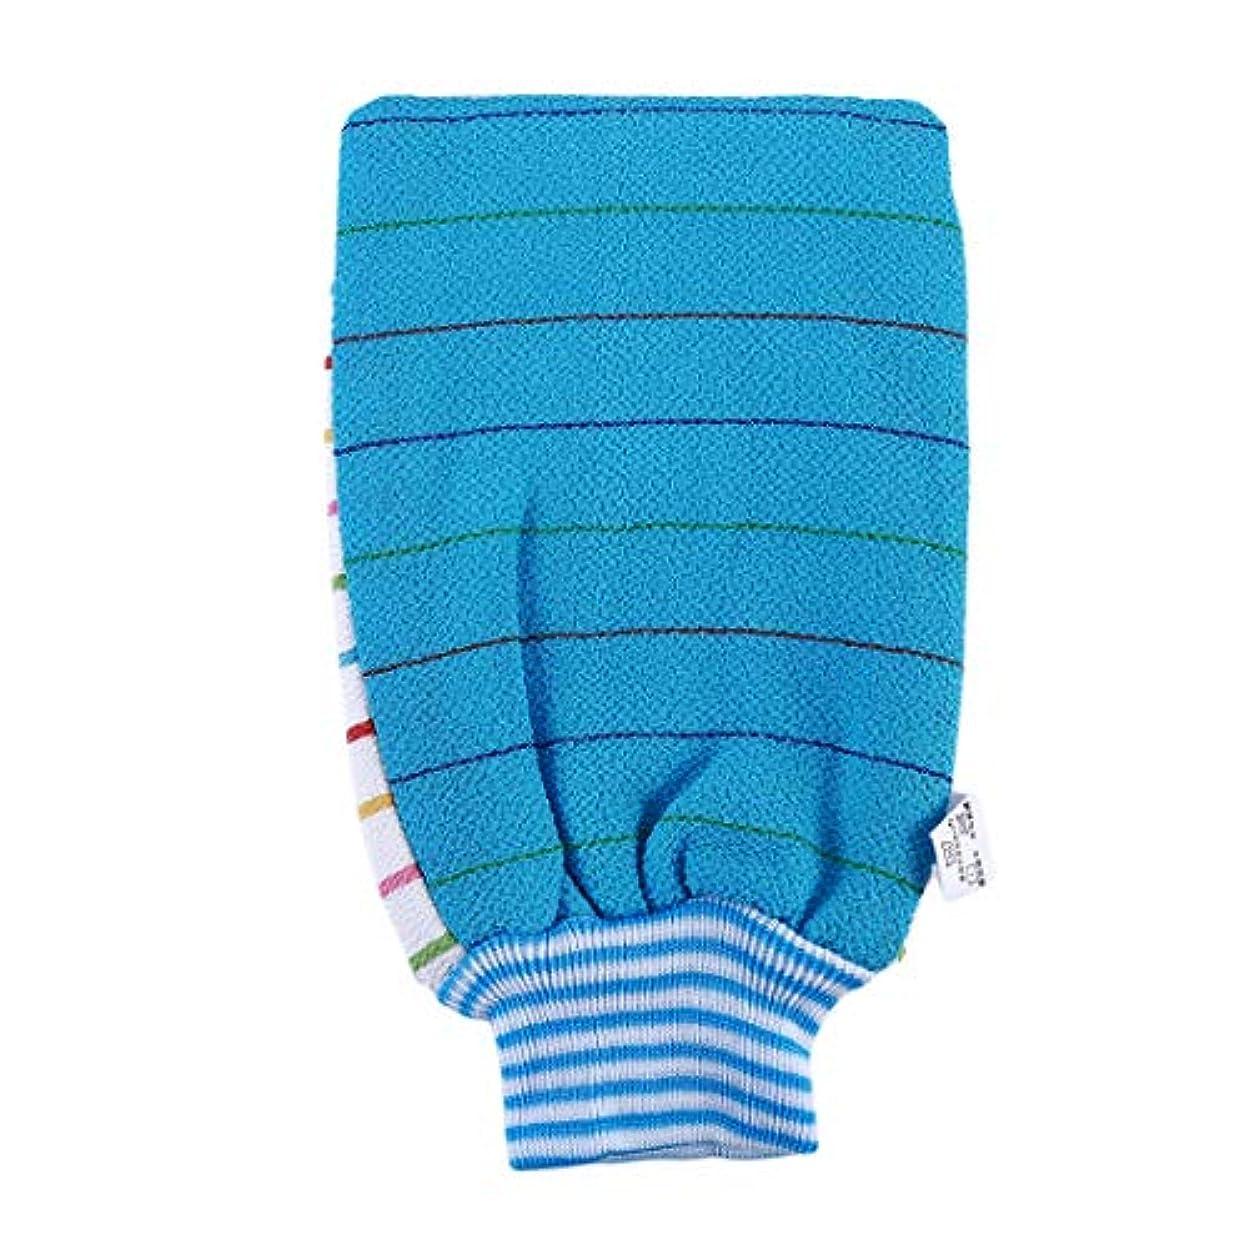 独立して聞くアンタゴニストKLUMA 浴用手袋 ボディ手袋 ボディタオル 垢すり用グローブ 毛穴清潔 角質除去 入浴用品 ブルー